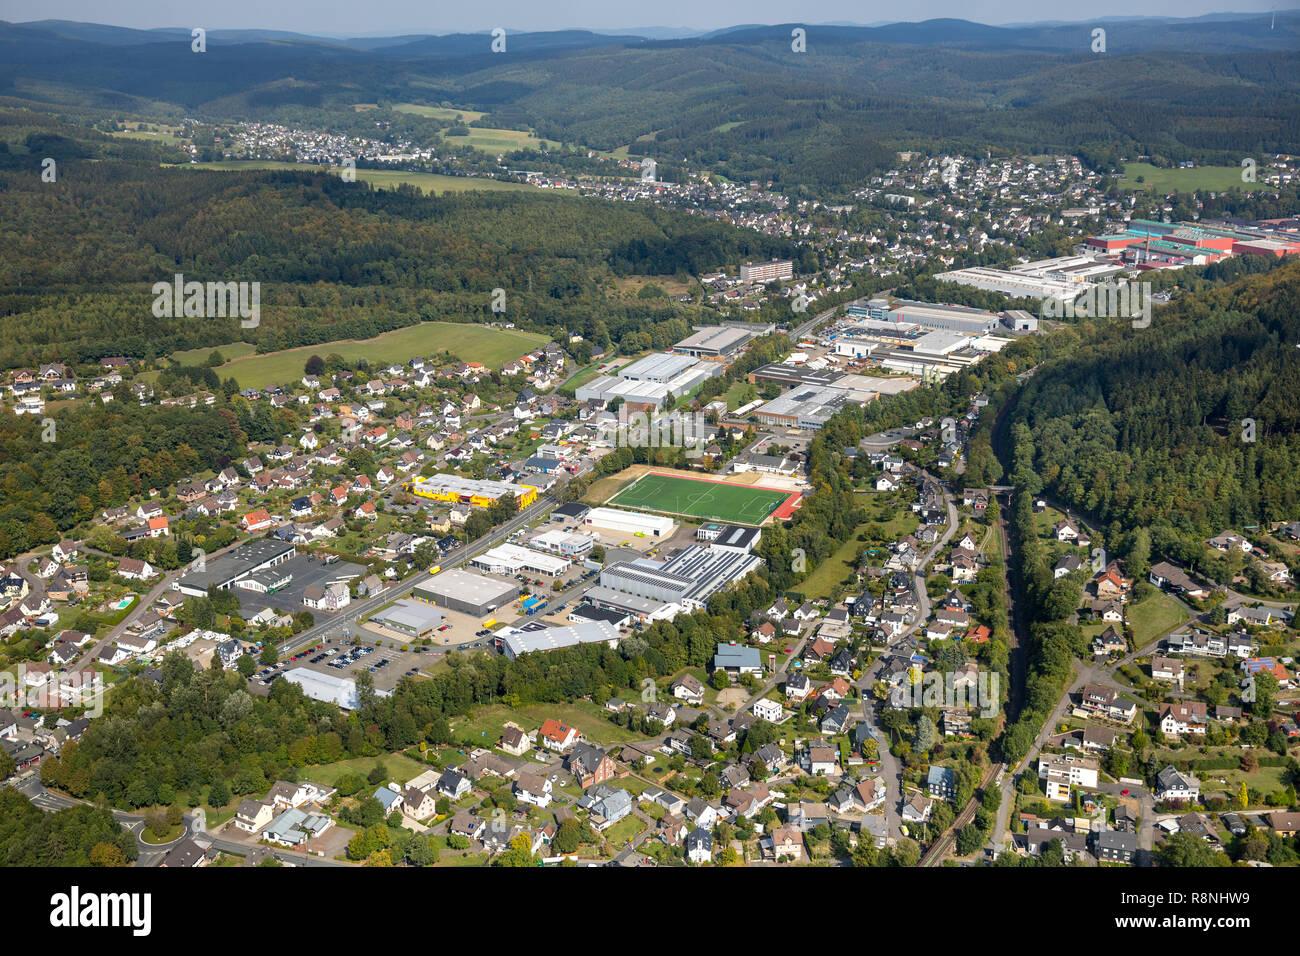 Aerial view, overview industrial park, sports field Kredenbach, Kreuztal, Hilchenbach, circle Siegen-Wittgenstein, North Rhine-Westphalia, Germany, Eu - Stock Image